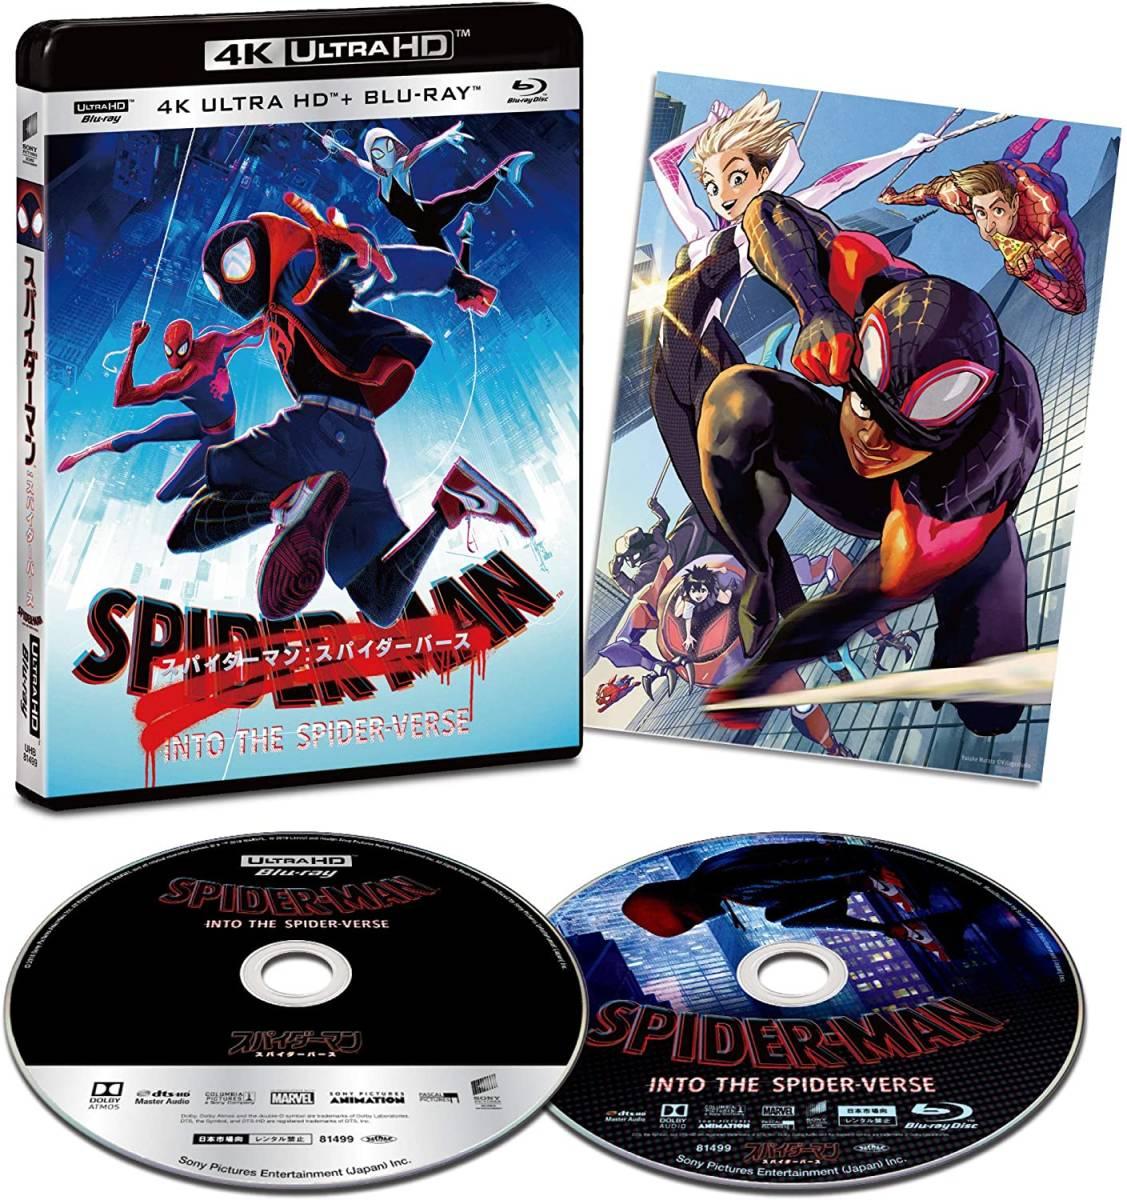 【新品・即決】Blu-Ray スパイダーマン:スパイダーバース 4K ULTRA HD & ブルーレイセット 初回生産限定_画像1